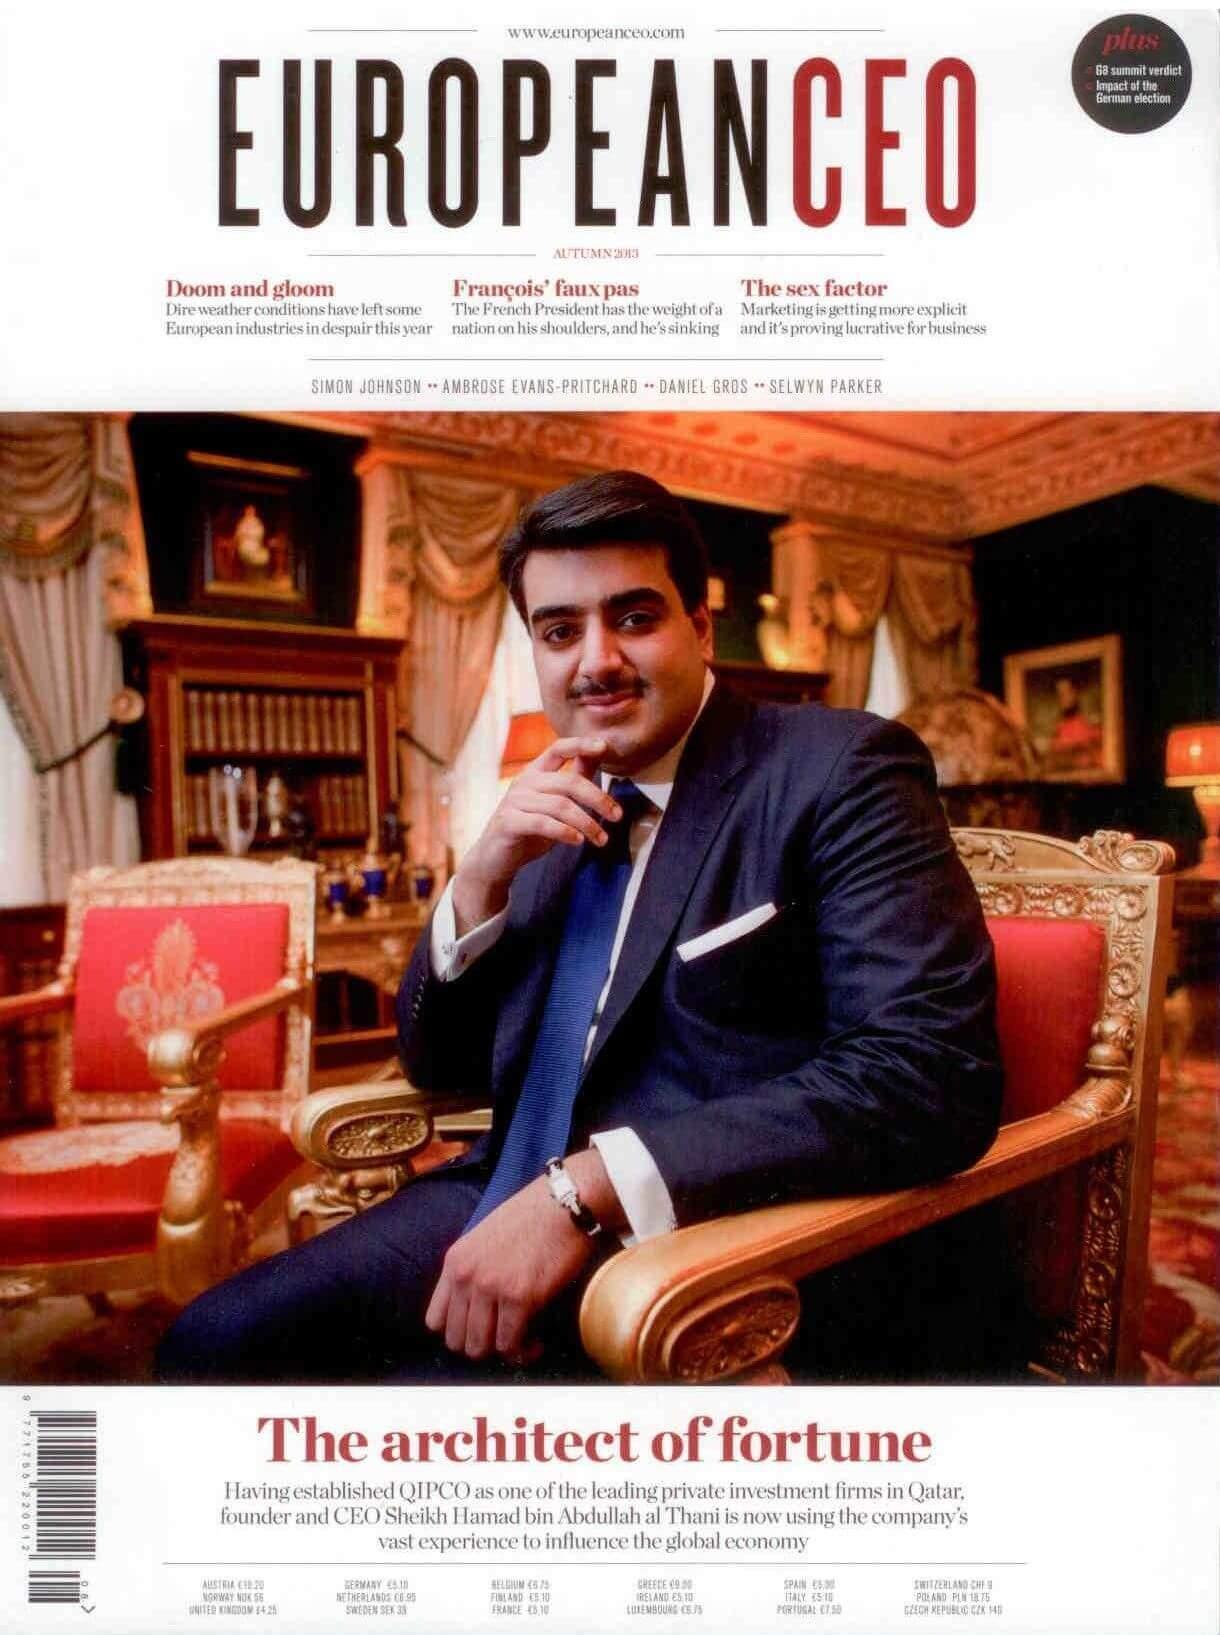 European CEO Magazine, Autumn 2013